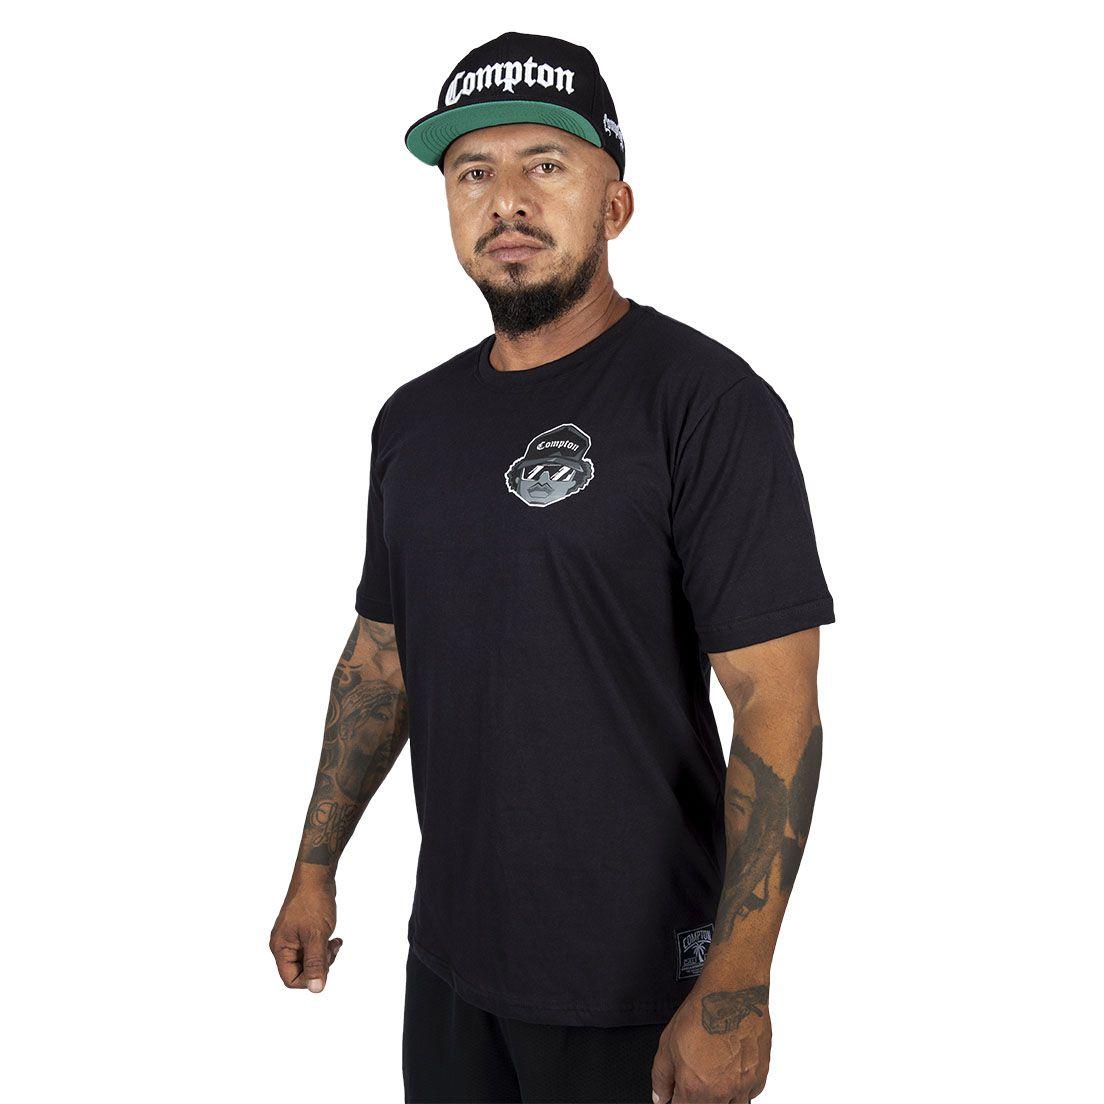 Camiseta Compton Básica Eazy-e Preta